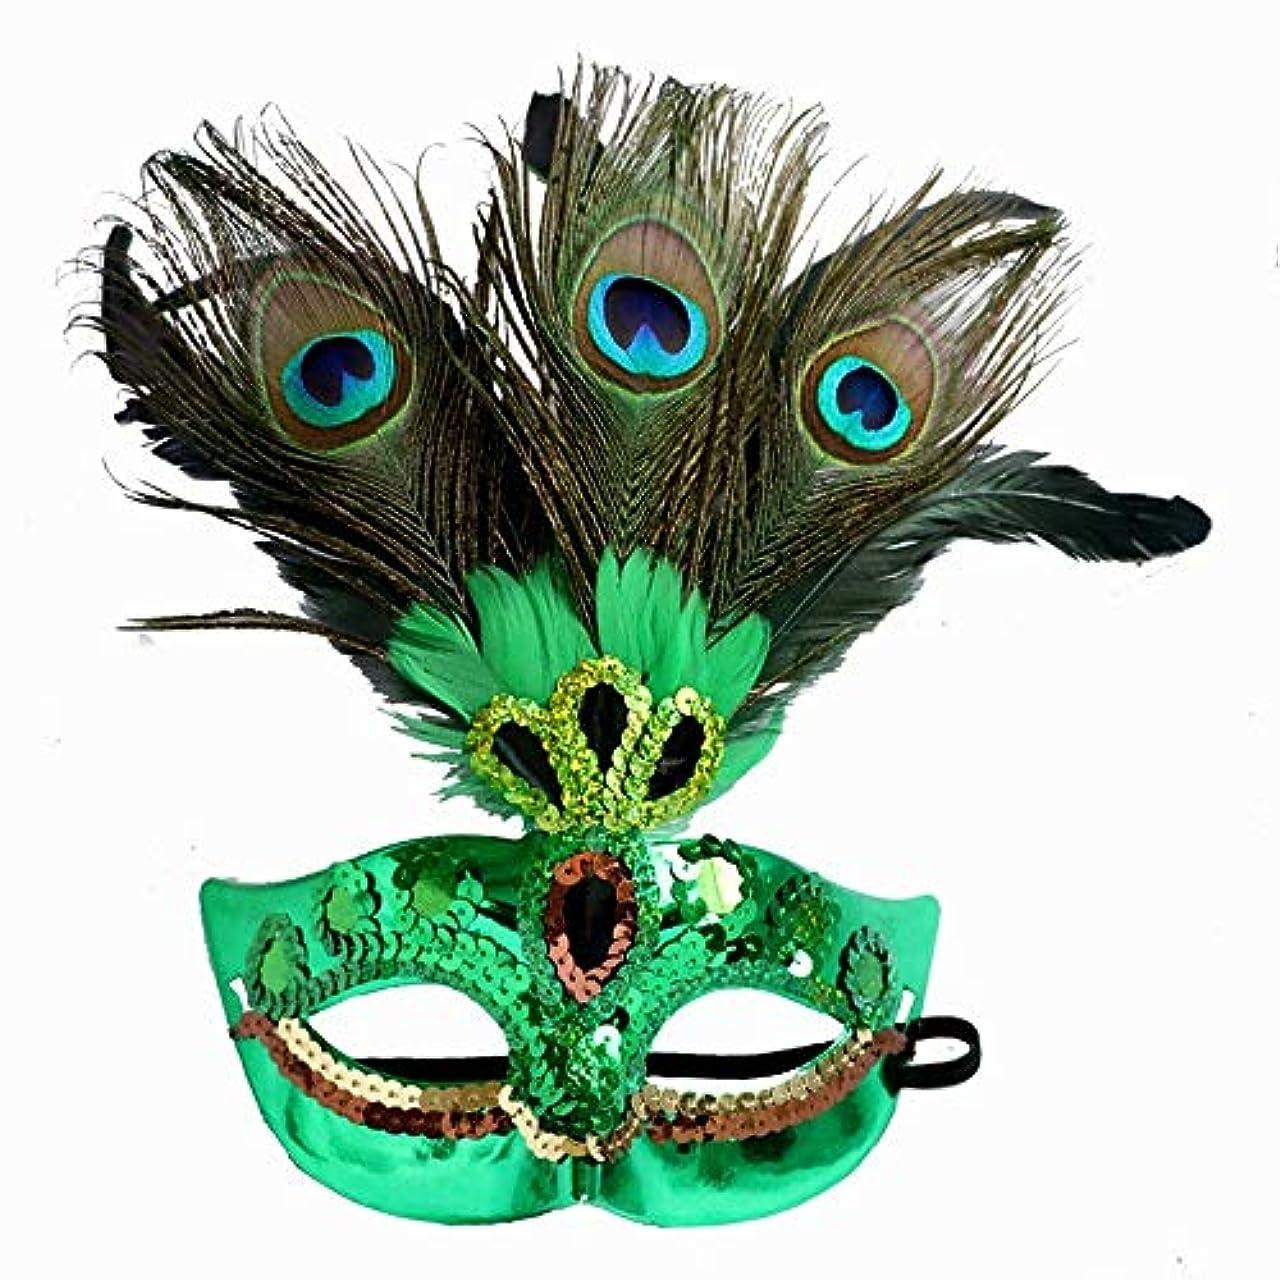 つまらないよく話される歩行者ダンスマスク 仮面舞踏会マスククジャクの羽パーティー衣装ハロウィンマスクボール目猫女性マスクハーフマスク ホリデーパーティー用品 (色 : 緑, サイズ : 18x25cm)